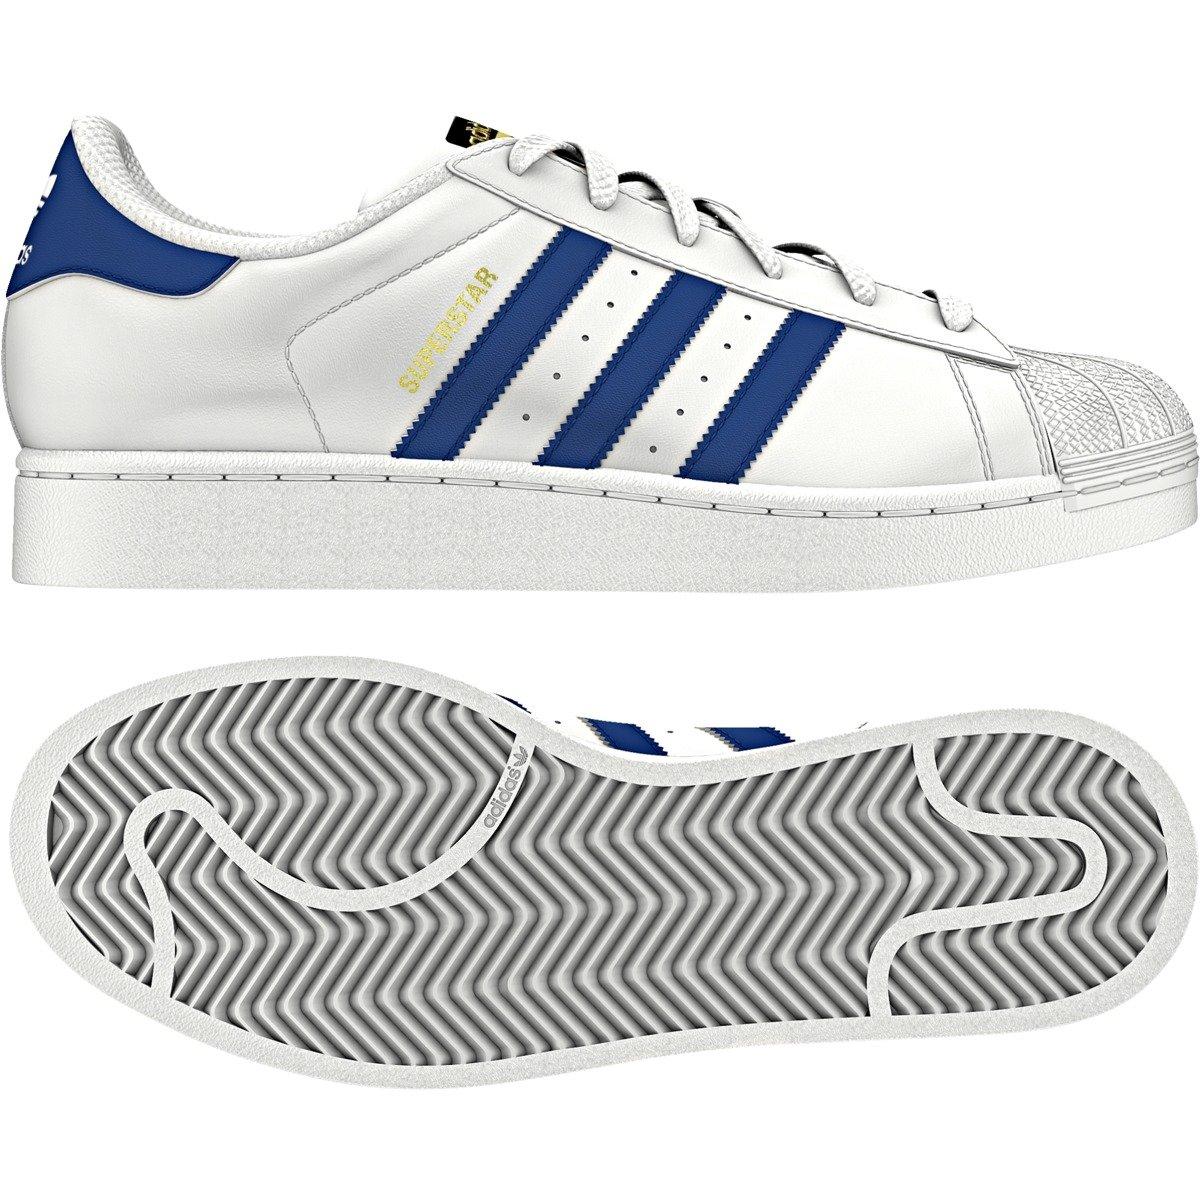 adidas originals superstar shoes s74944 basketball. Black Bedroom Furniture Sets. Home Design Ideas